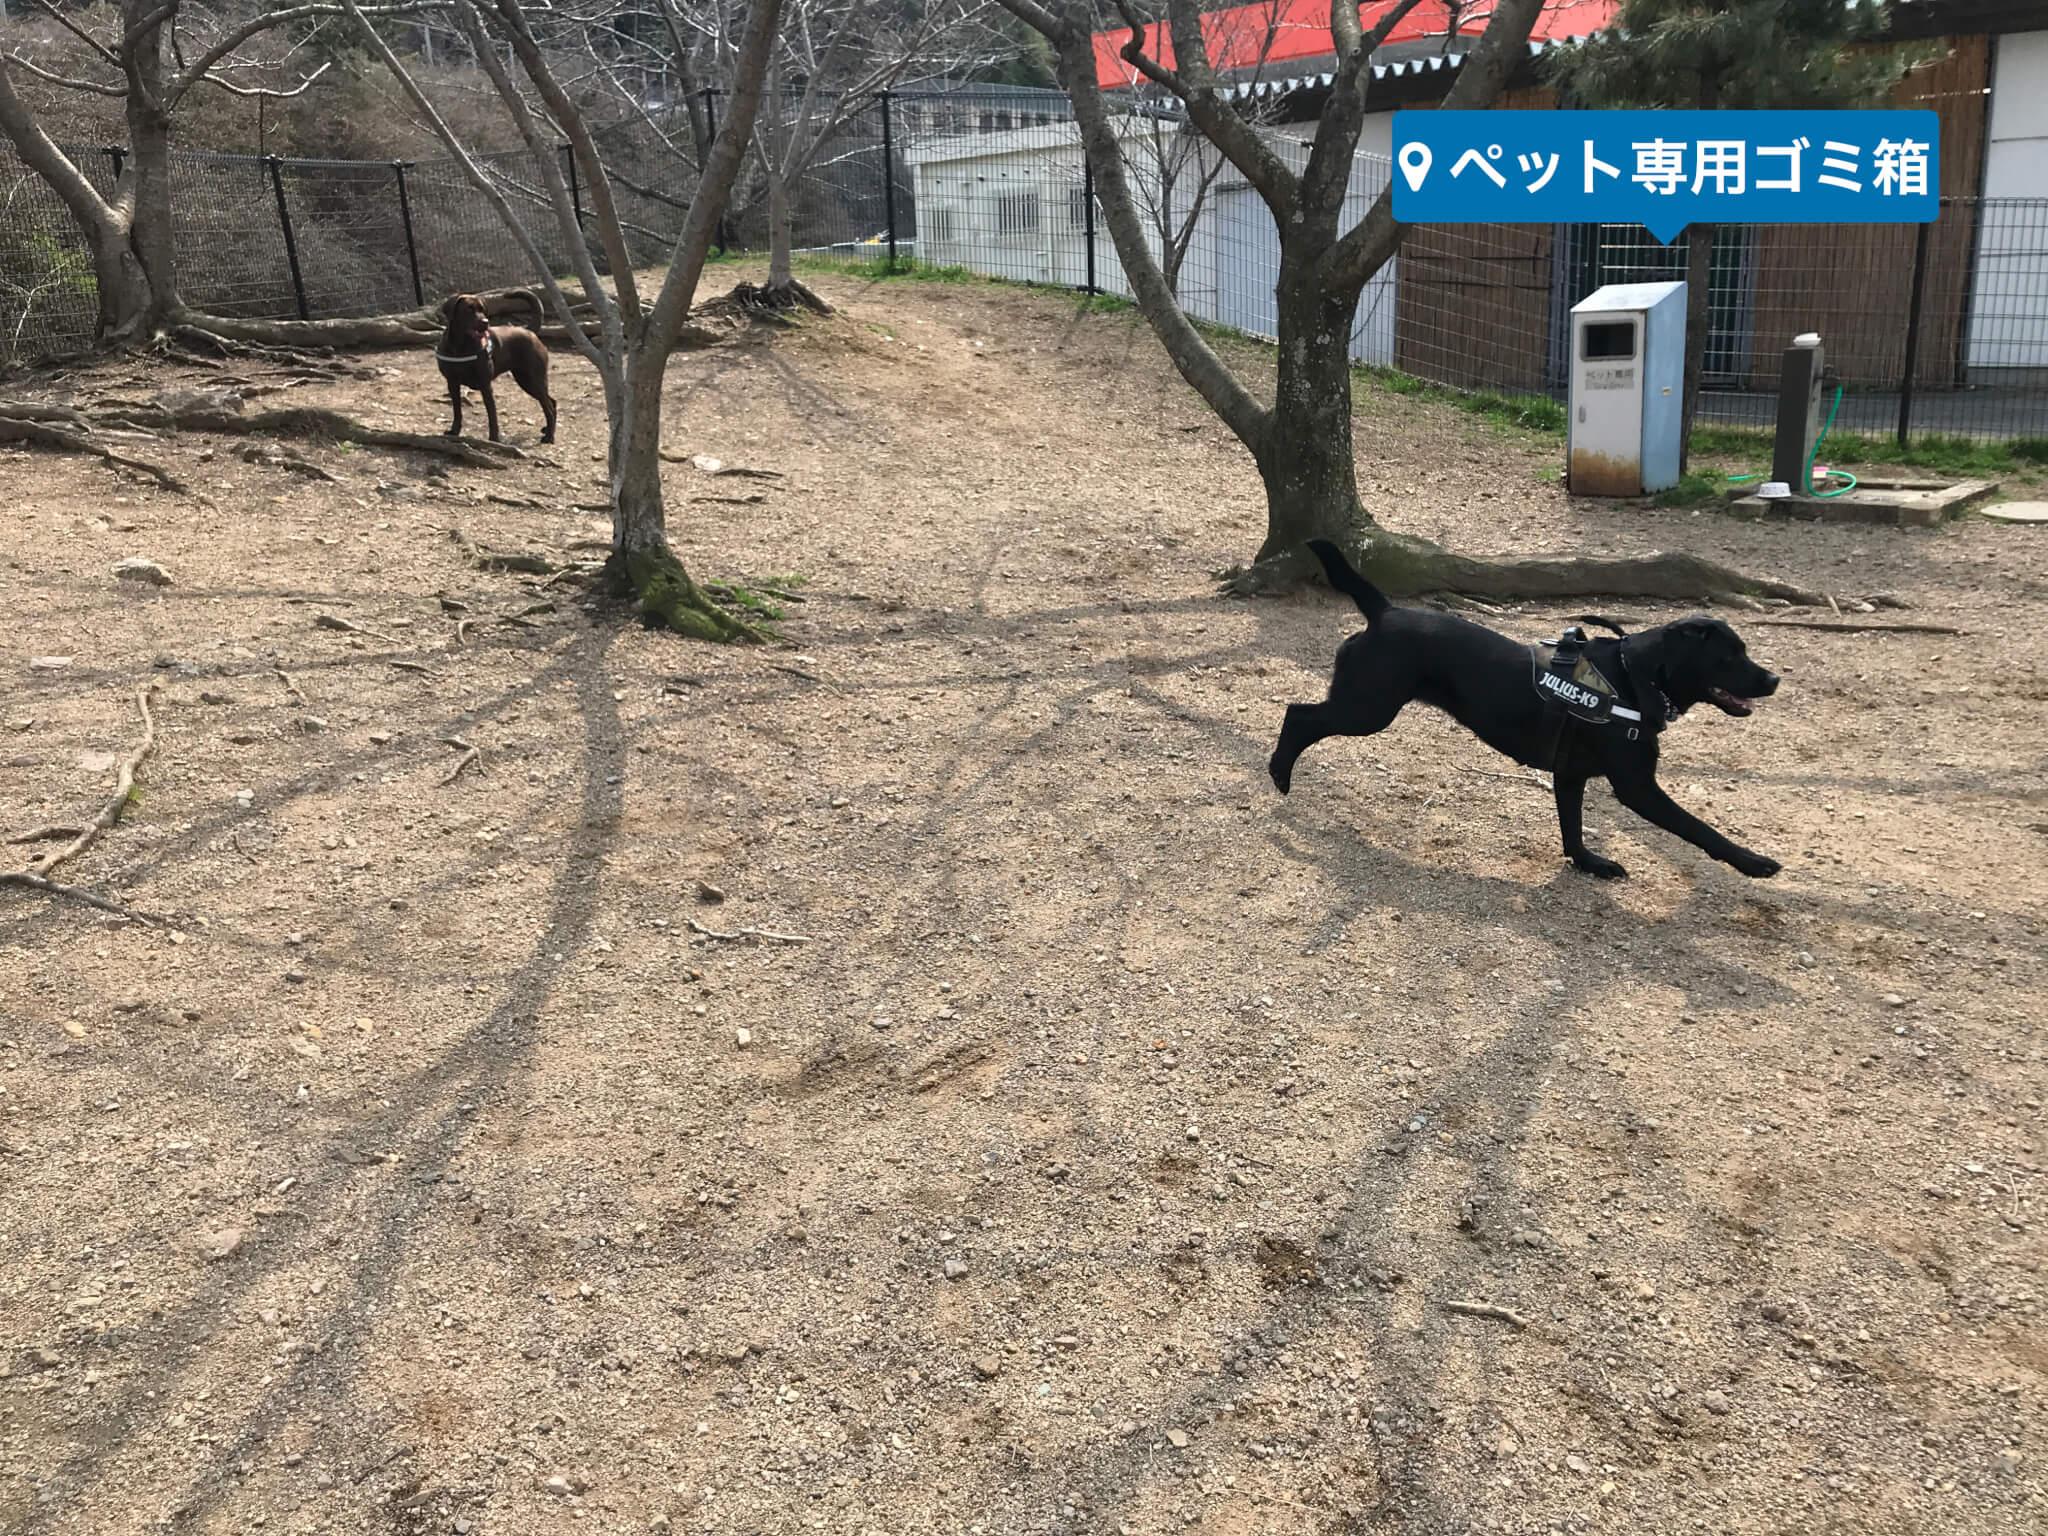 岸和田サービスエリア ドッグラン ラブラドールレトリバー ペット専用ゴミ箱